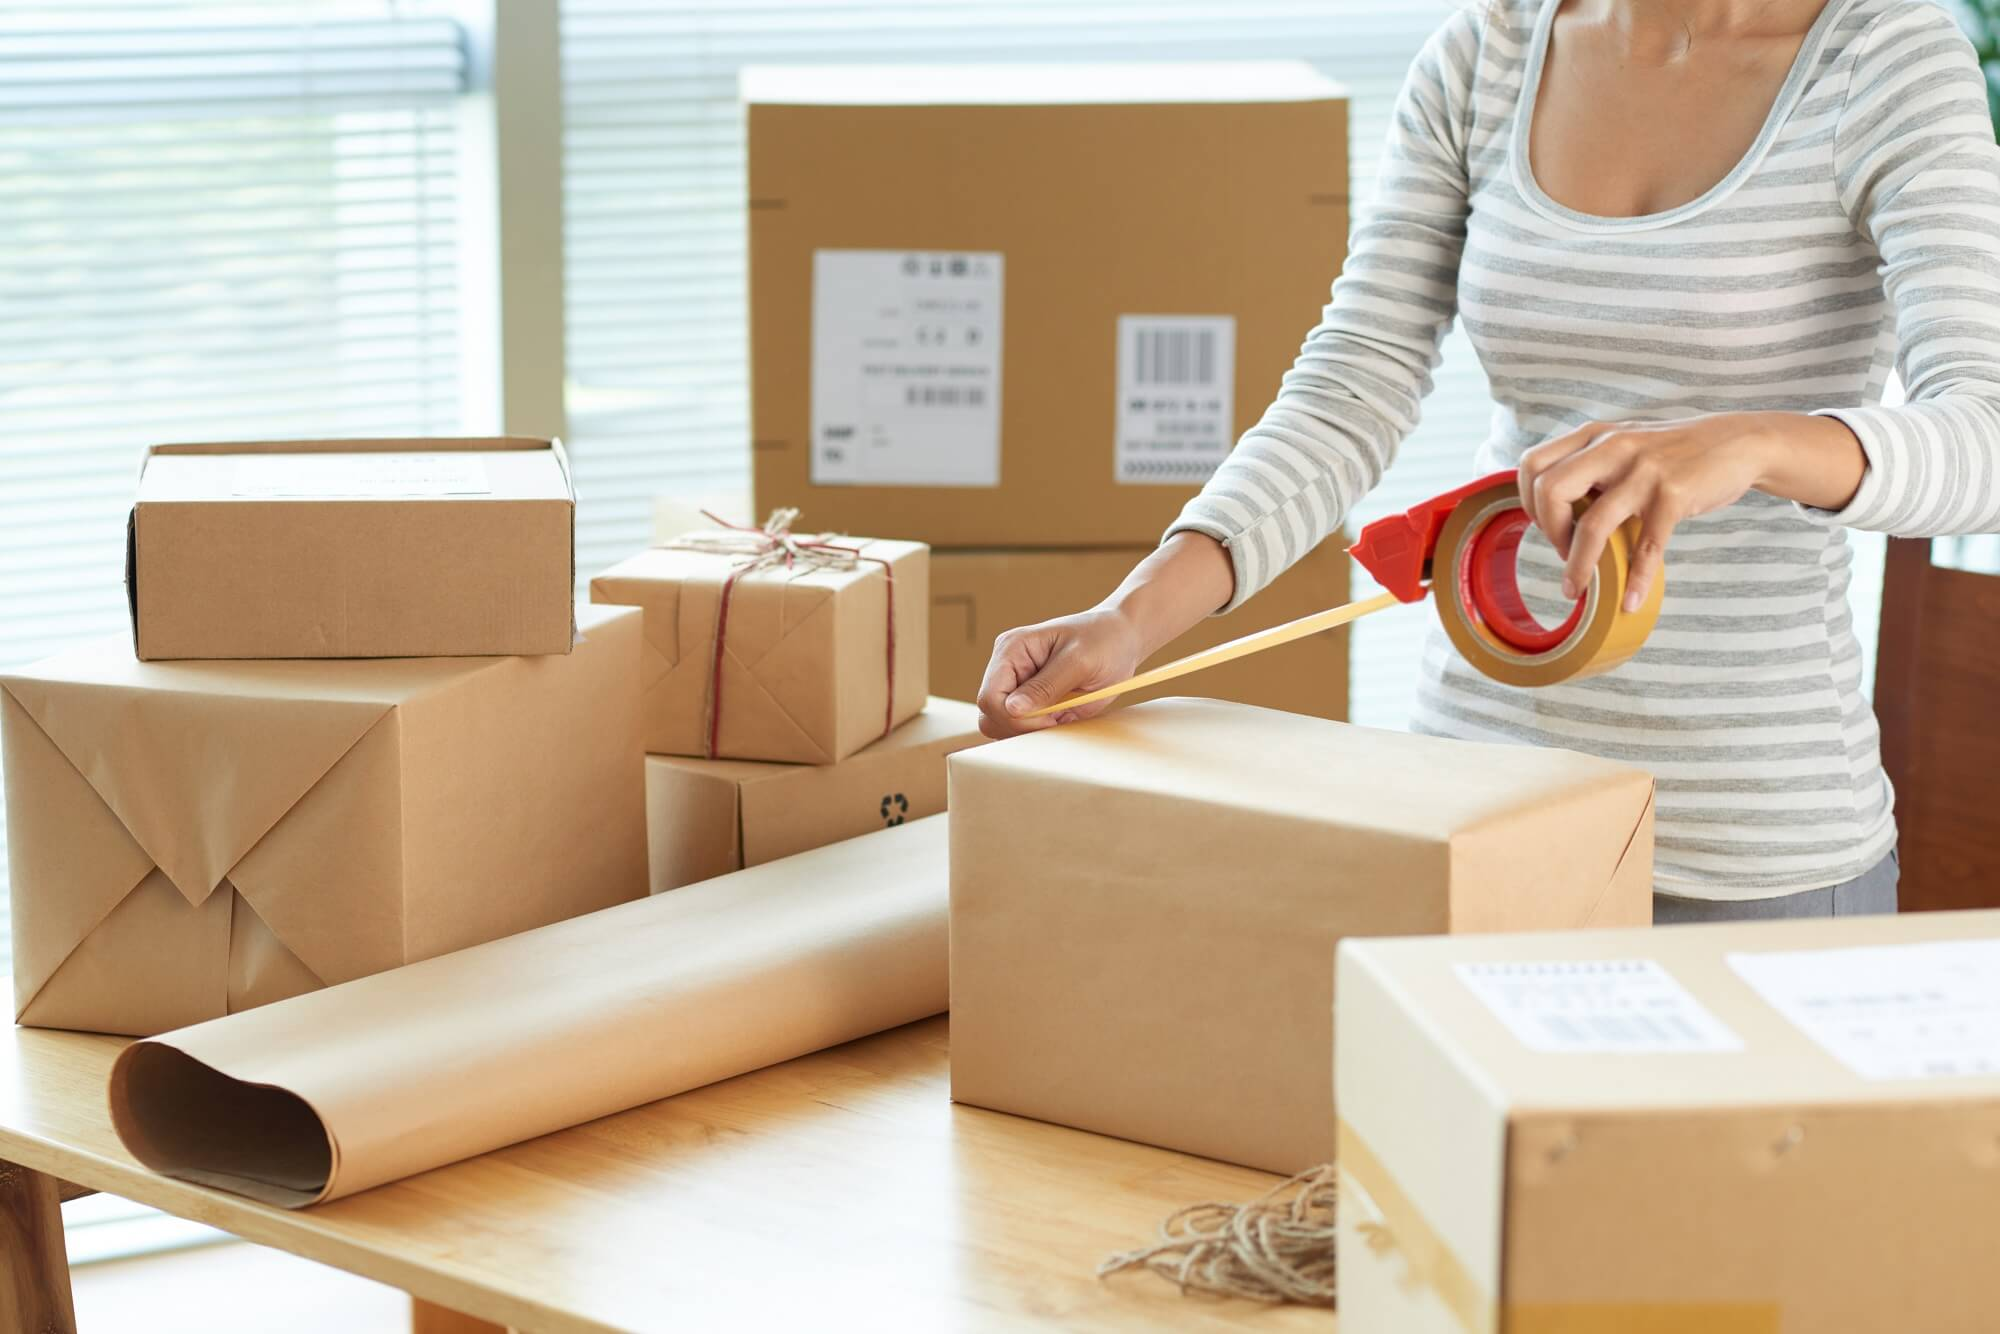 ekonomiczna pakowanie przesyłek w karton